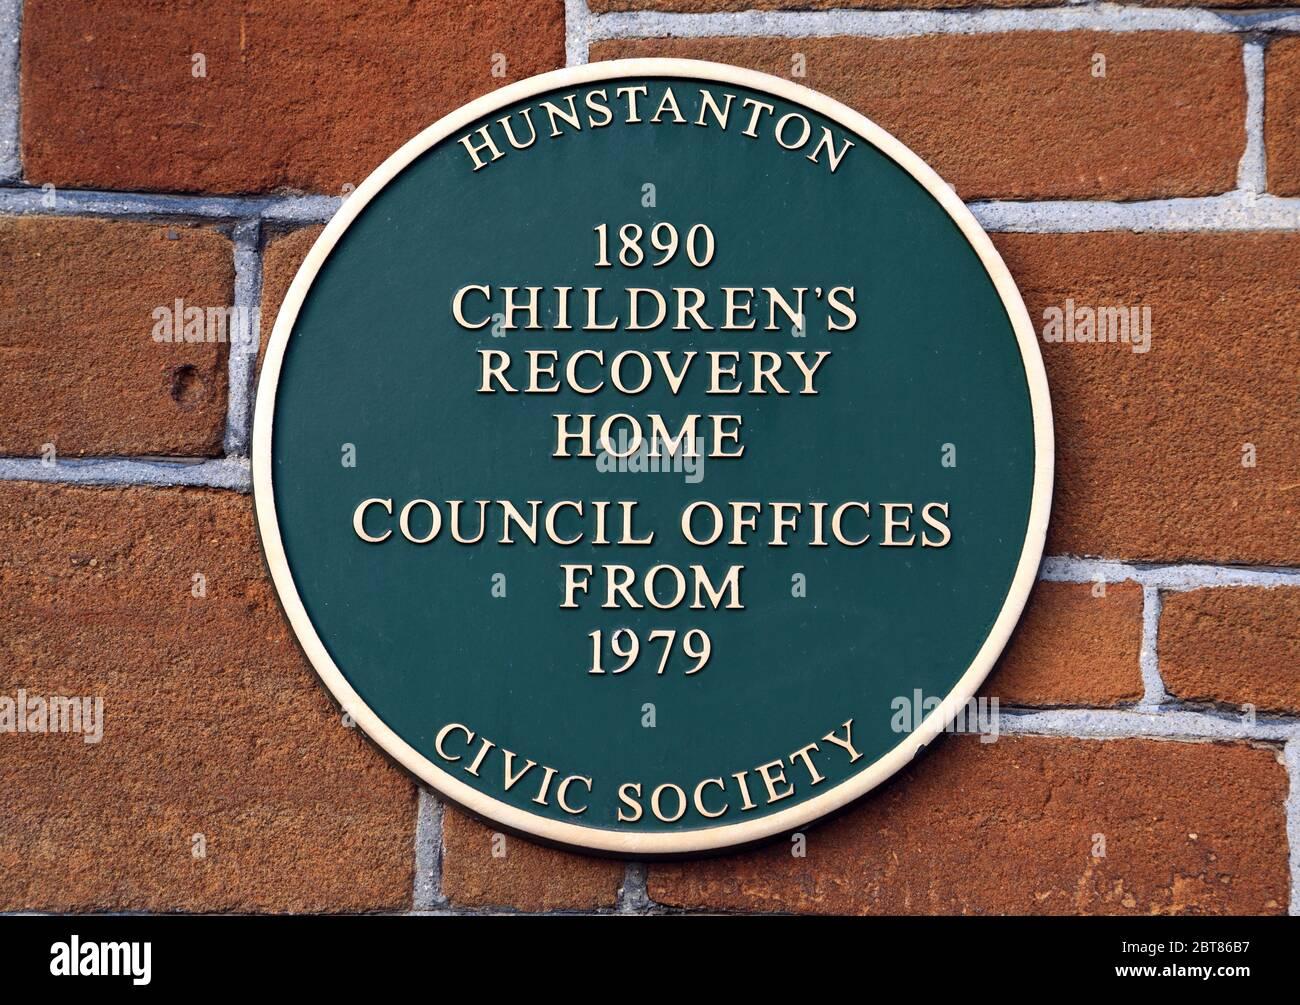 Hunstanton Civic Society, placa de pared, Hogar de niños de Victoria, Norfolk, Inglaterra Foto de stock